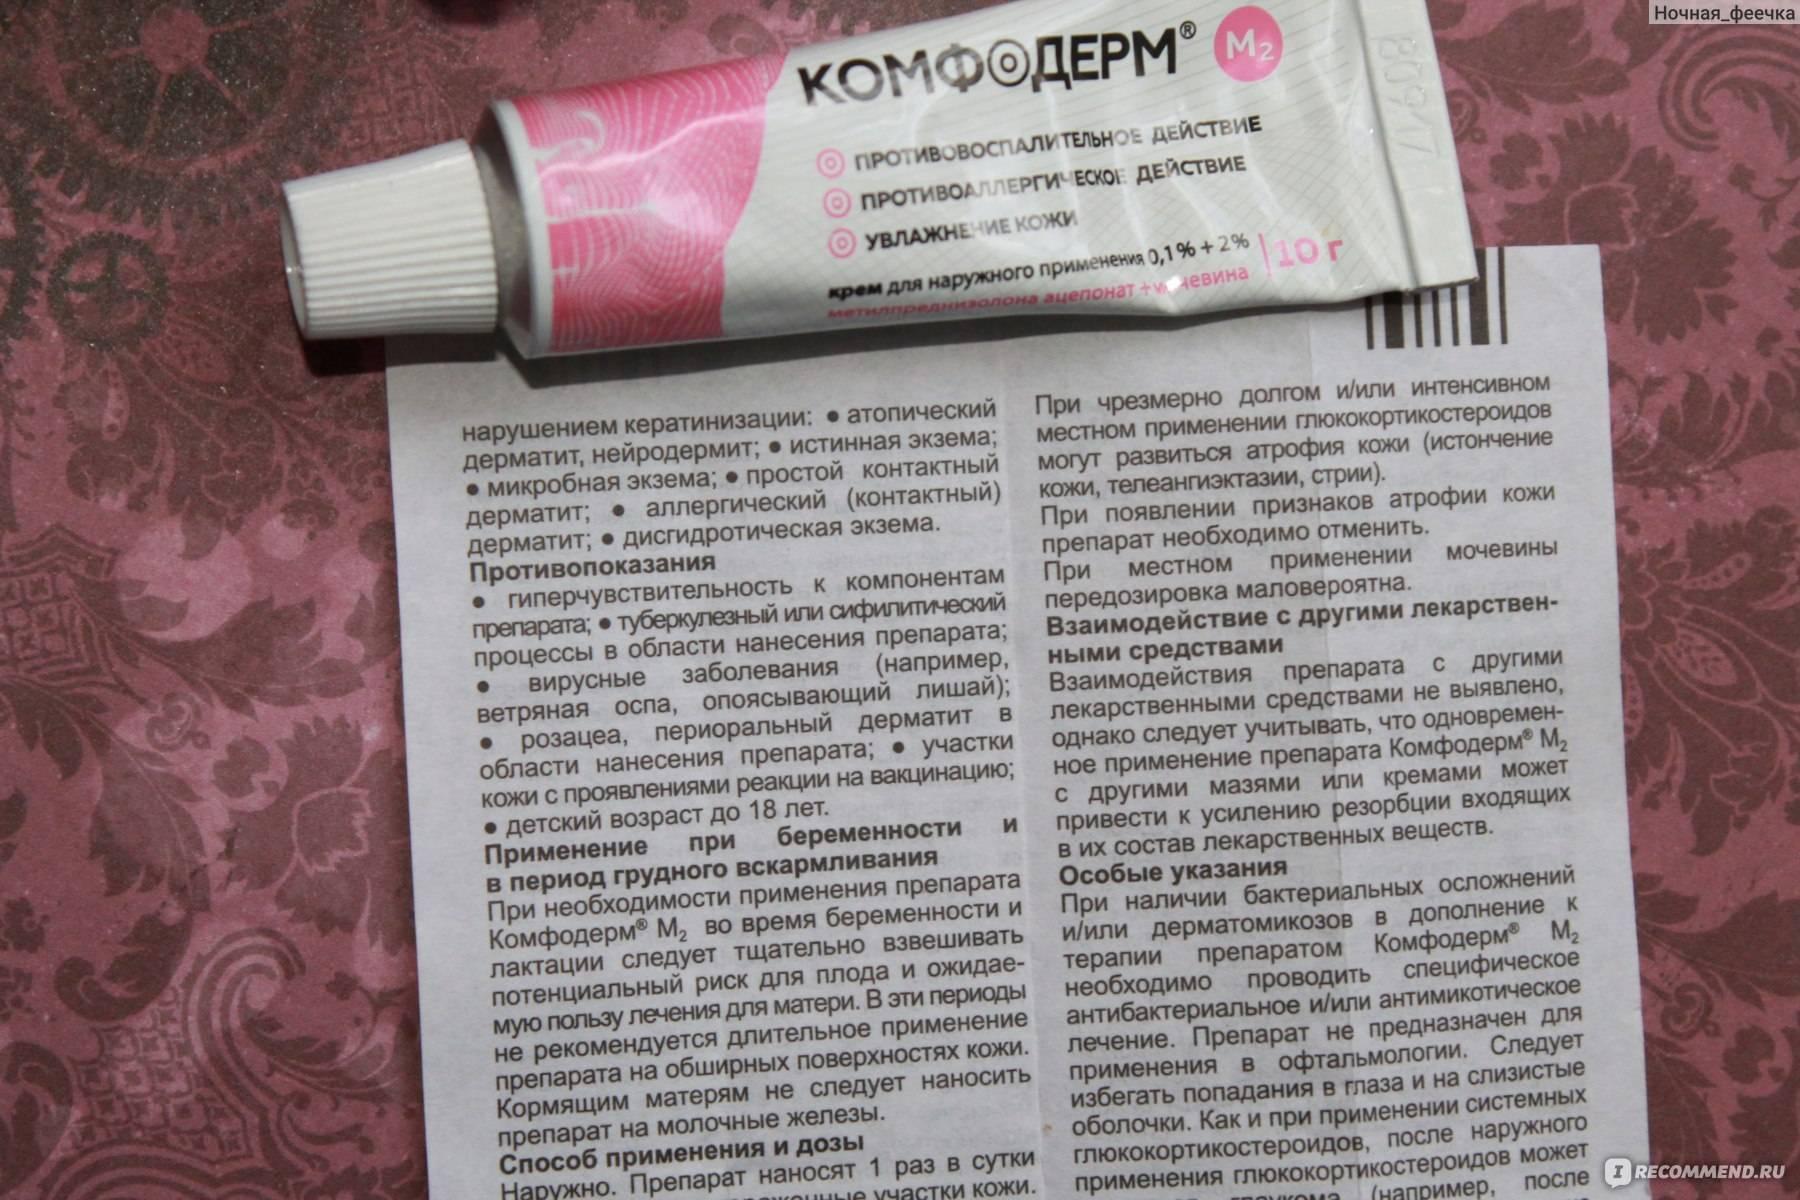 Пероральный дерматит: лечение, отзывы. лечение перорального дерматита народными средствами